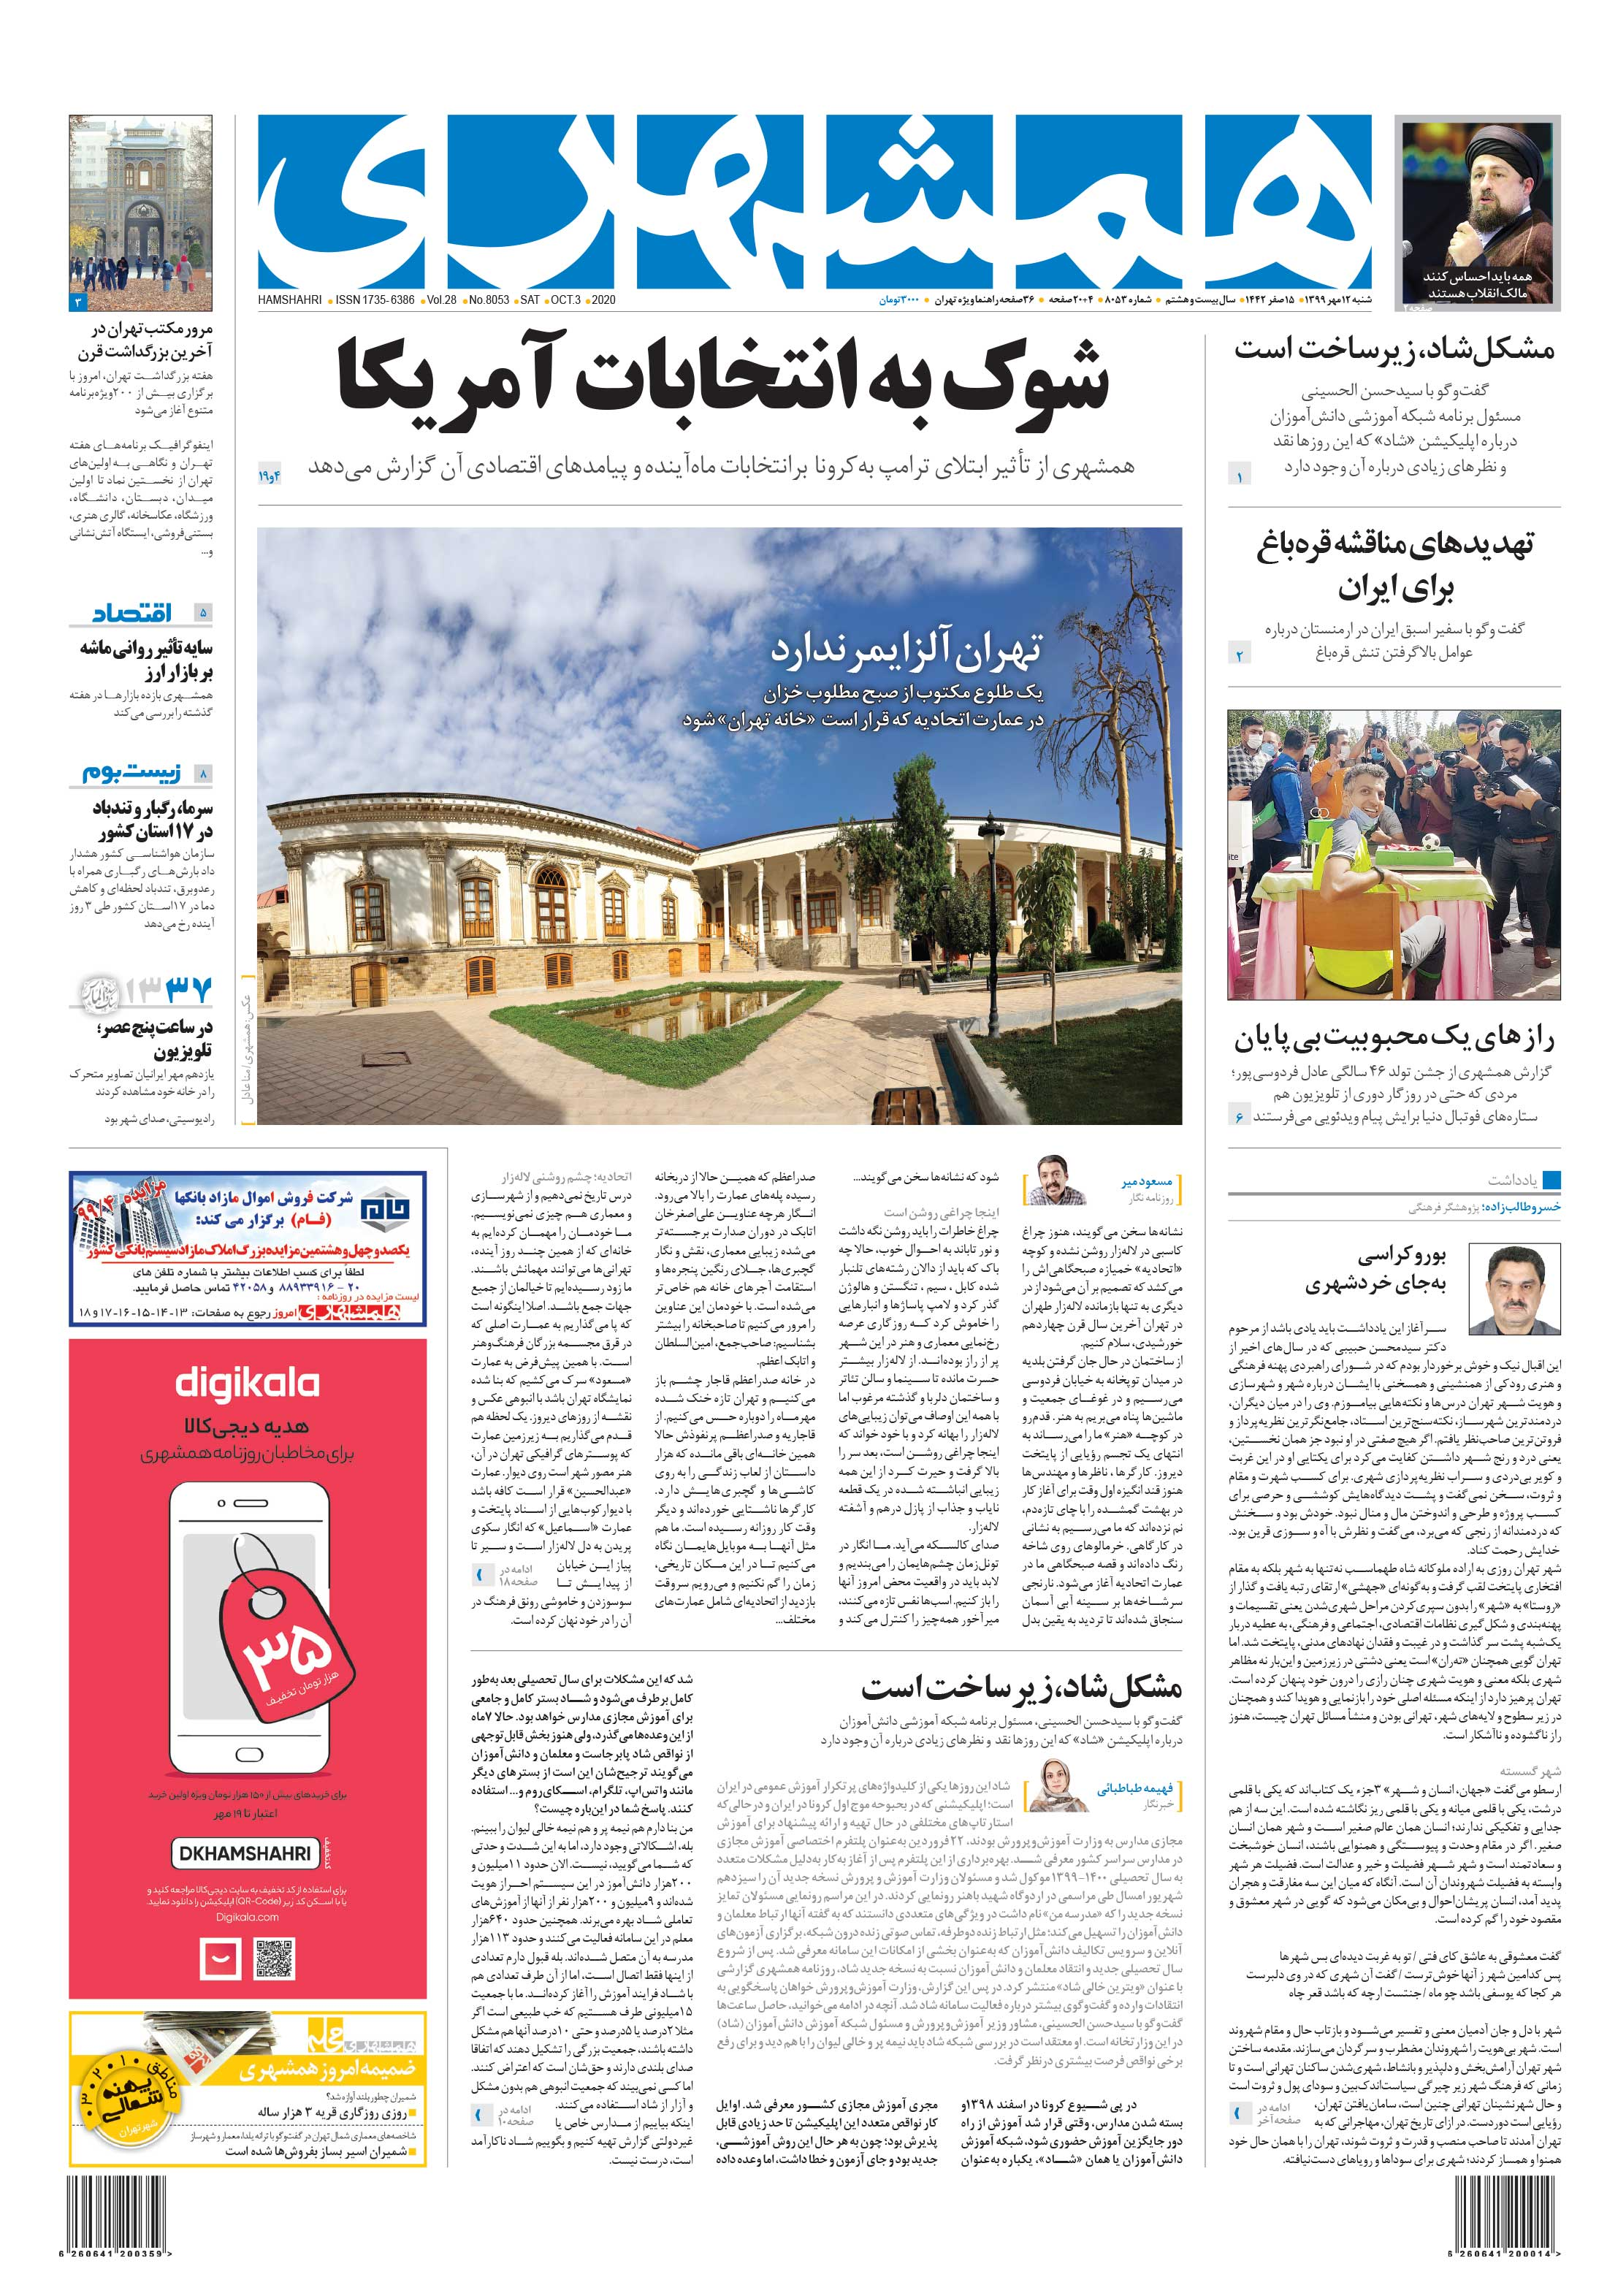 صفحه اول شنبه 12 مهر 1399